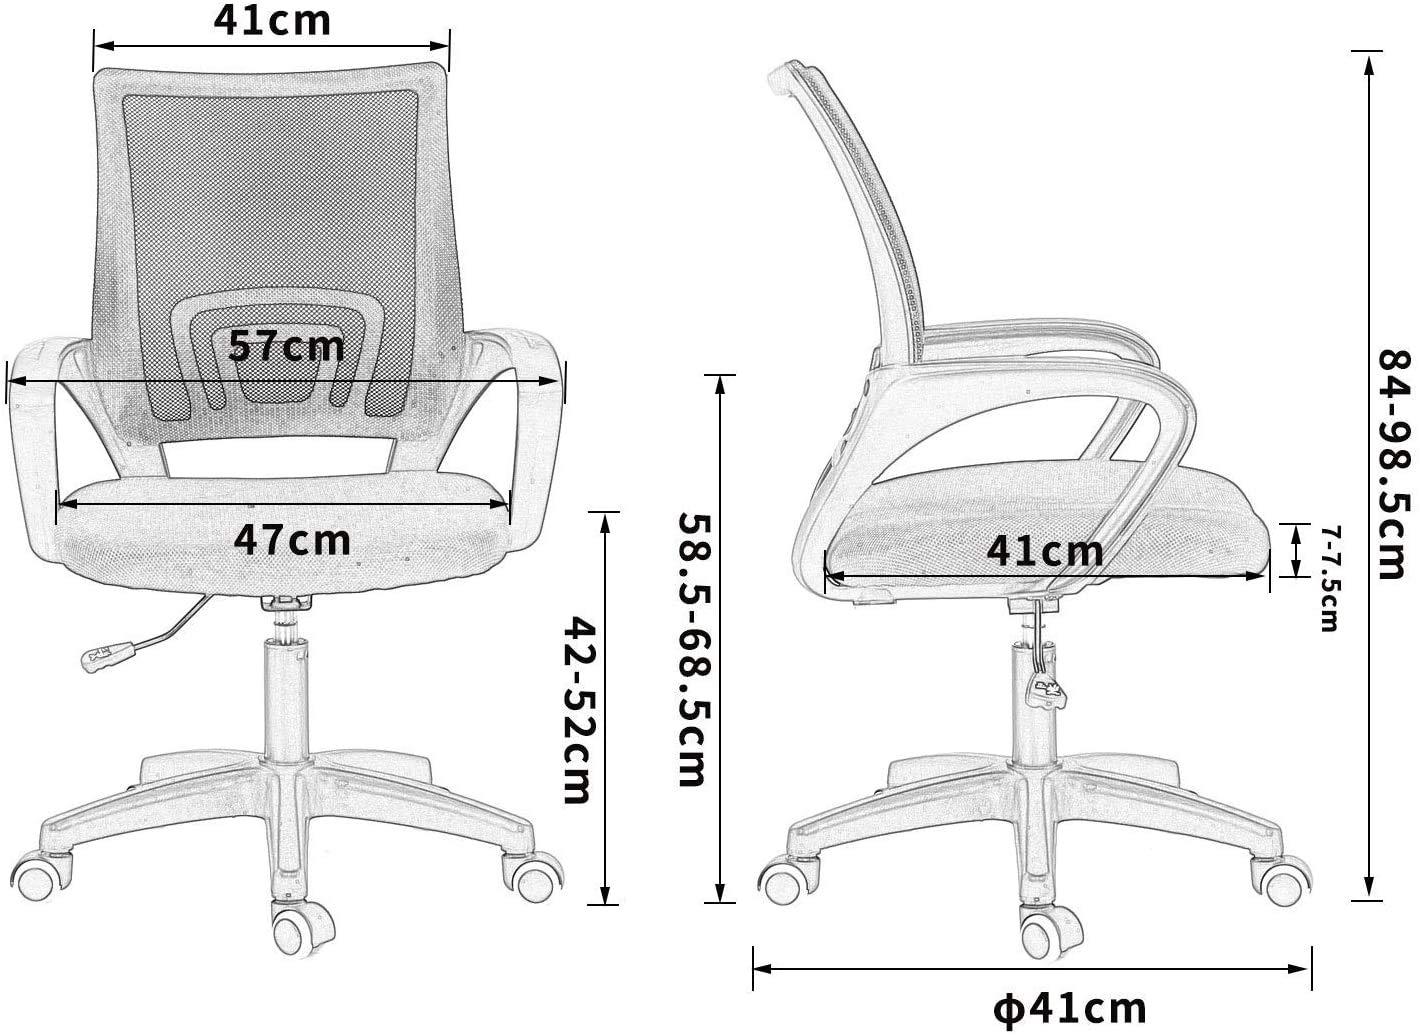 ZXL bekväm skrivbordsstol dator kontorsstol, verkställande nätstol, nätkontorsstol, för kontor dator skrivbord stol ergonomisk svängbar stol, svart gRÖN